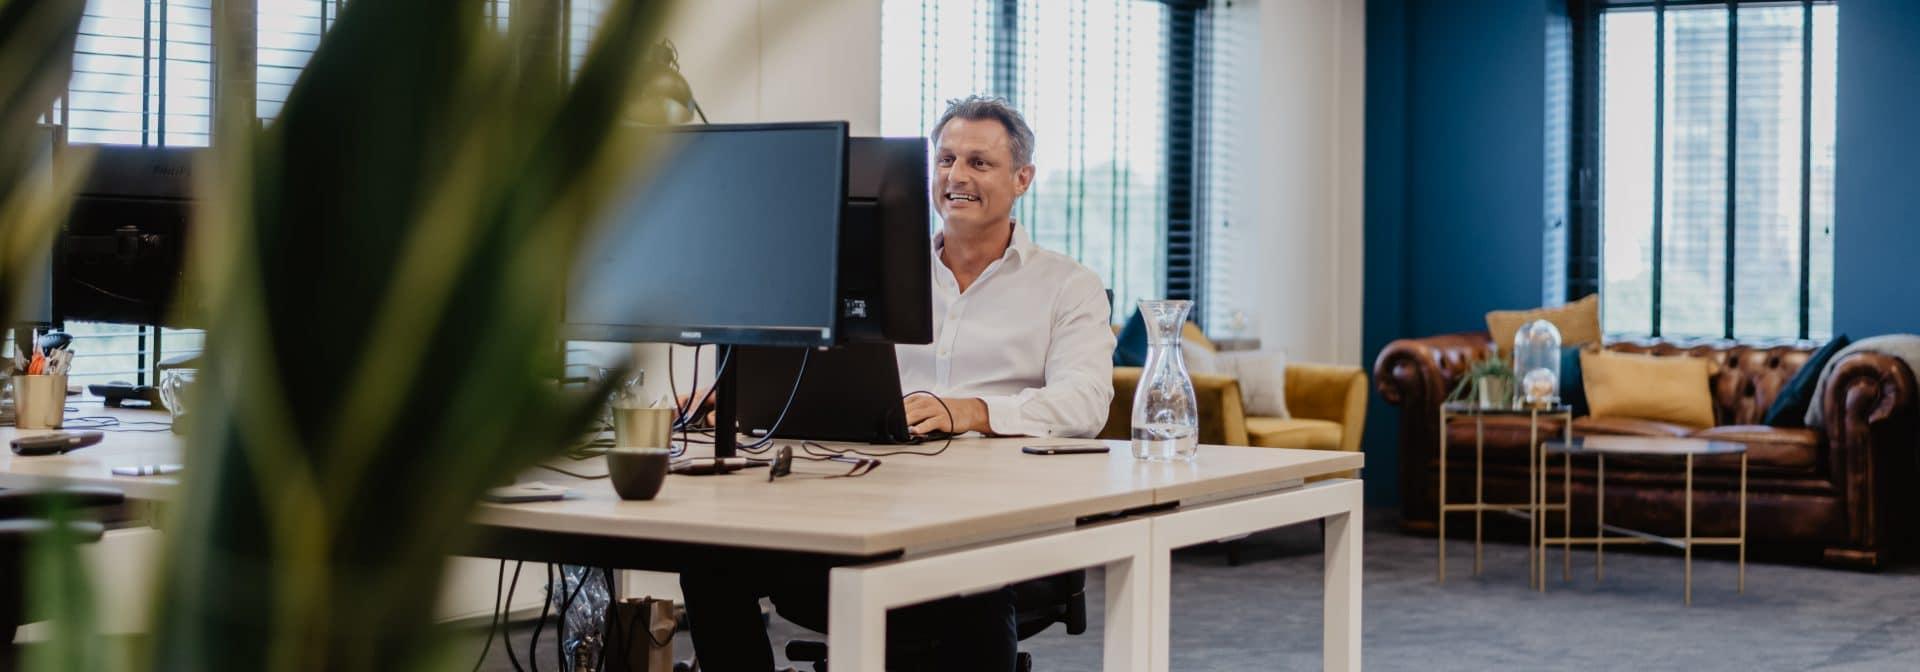 Wouk witte eigenaar Freelancefactoring achter zijn bureau